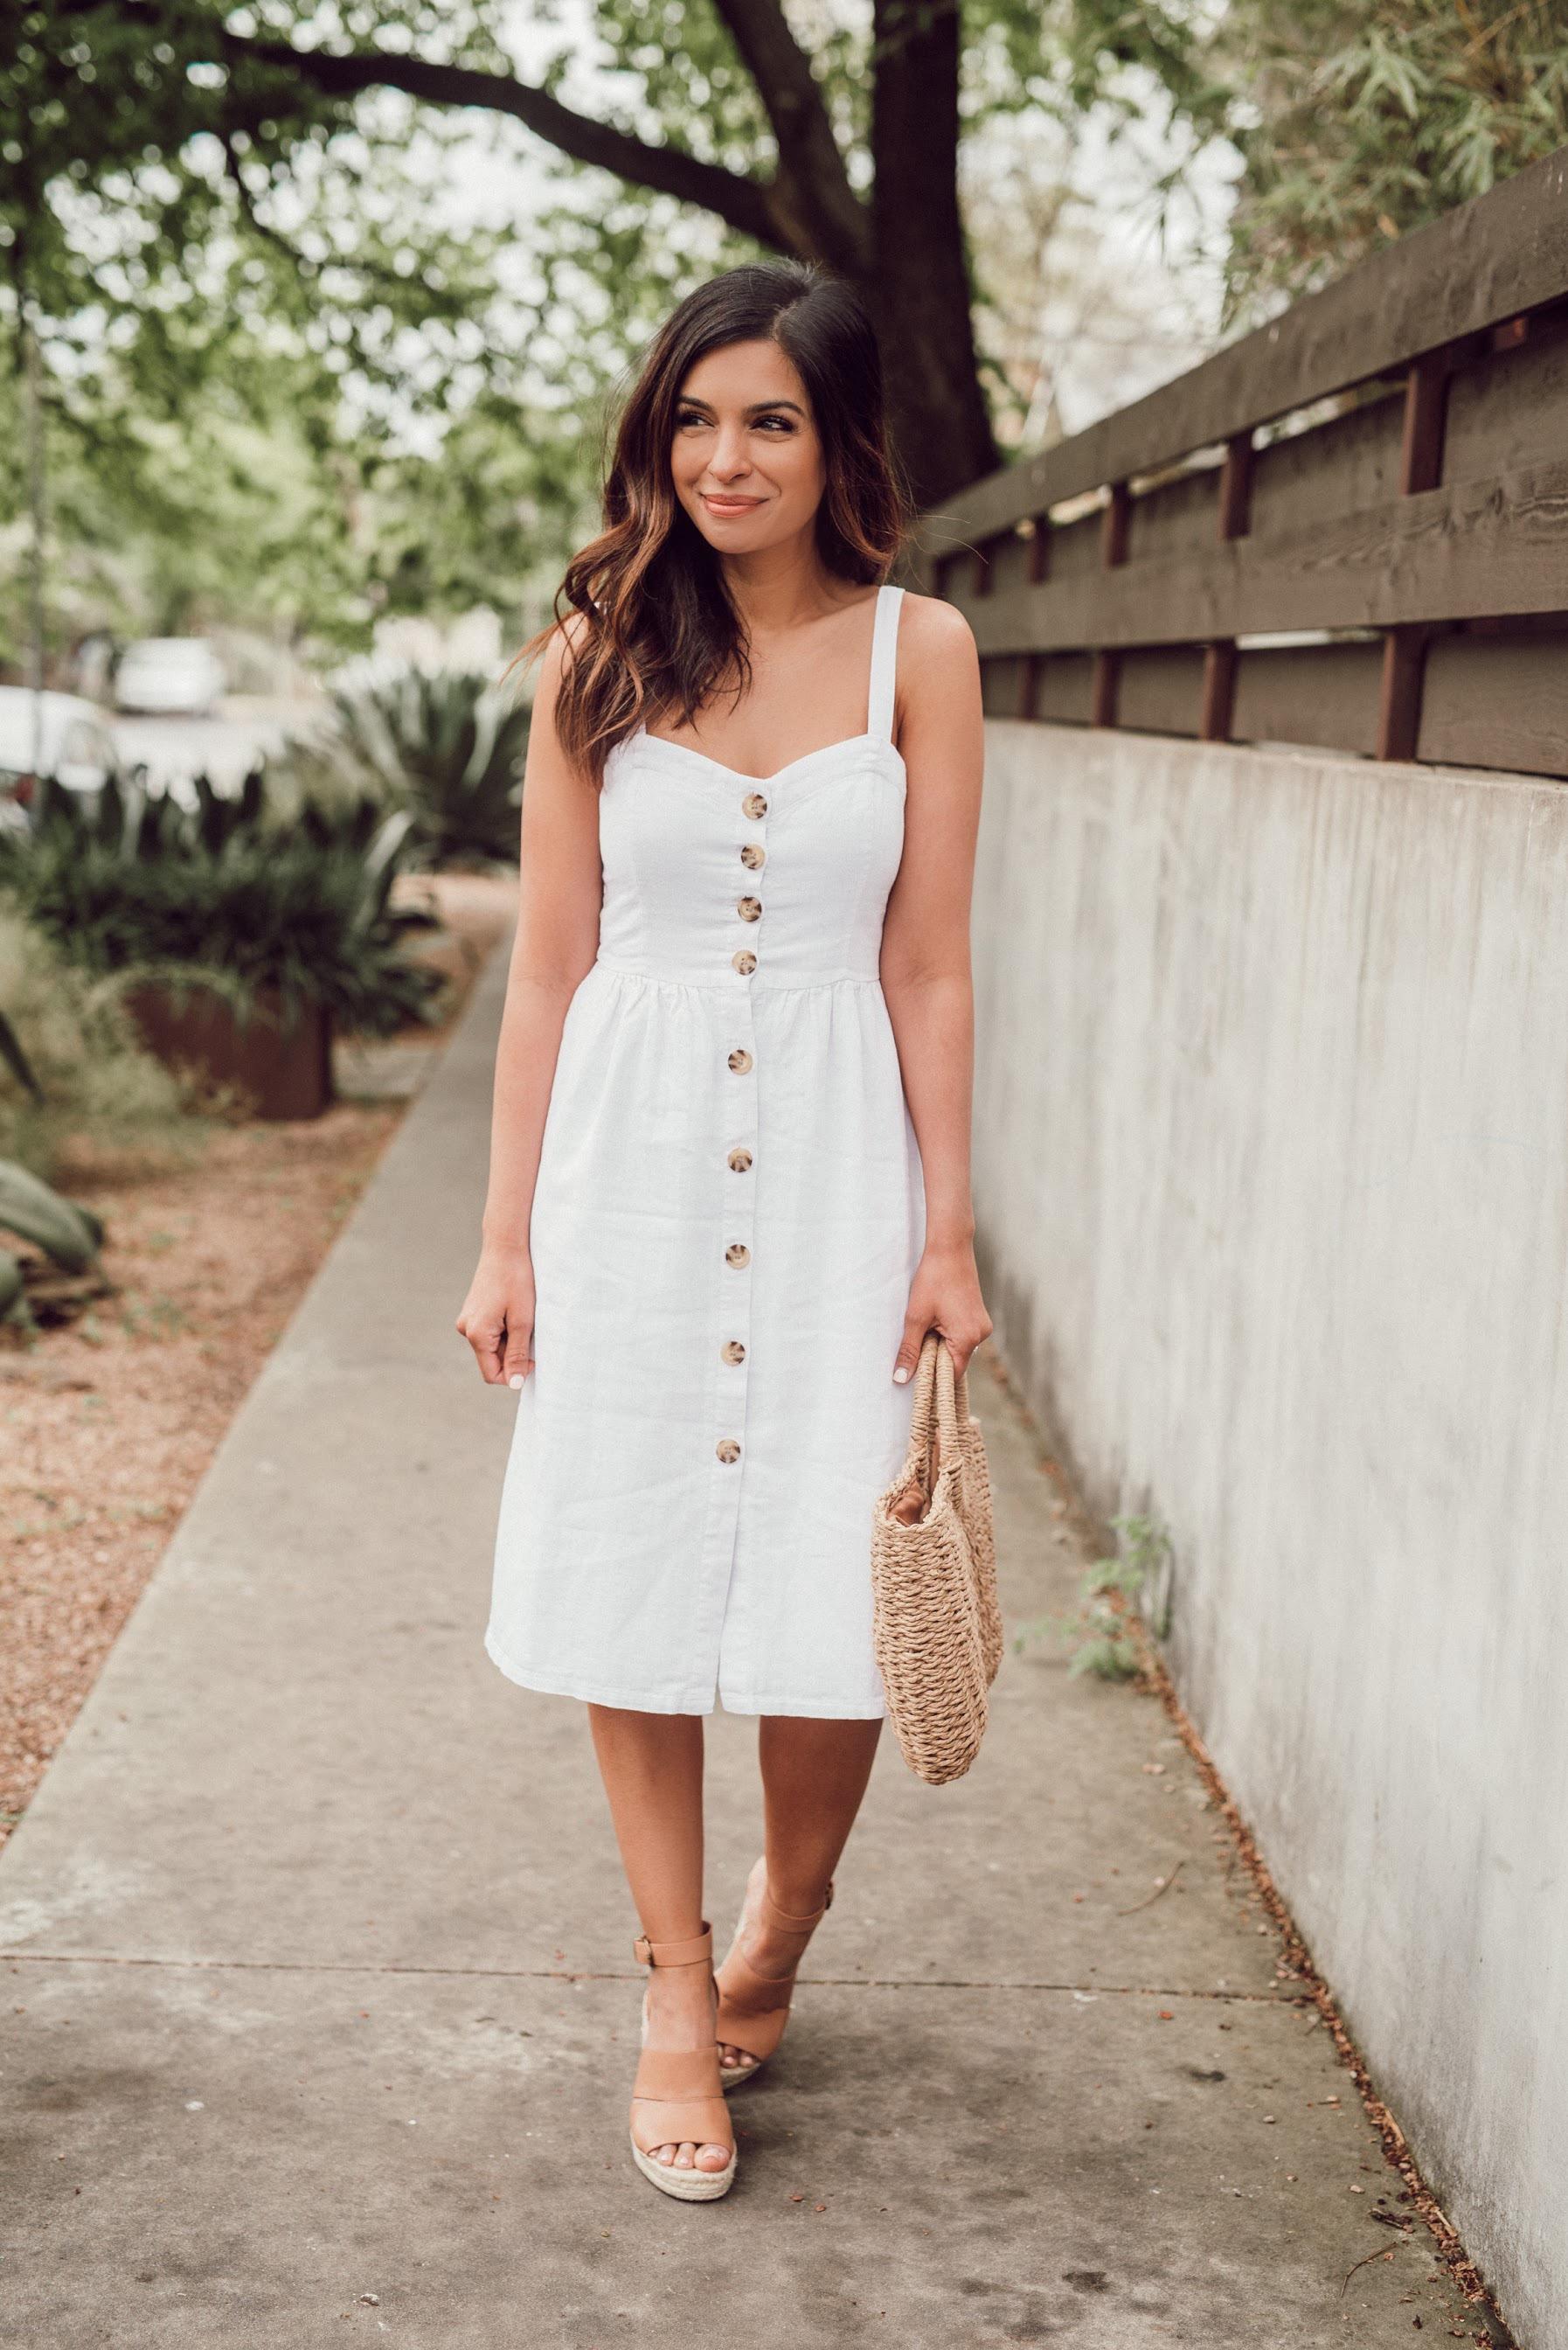 Abercrombie white dress.JPG